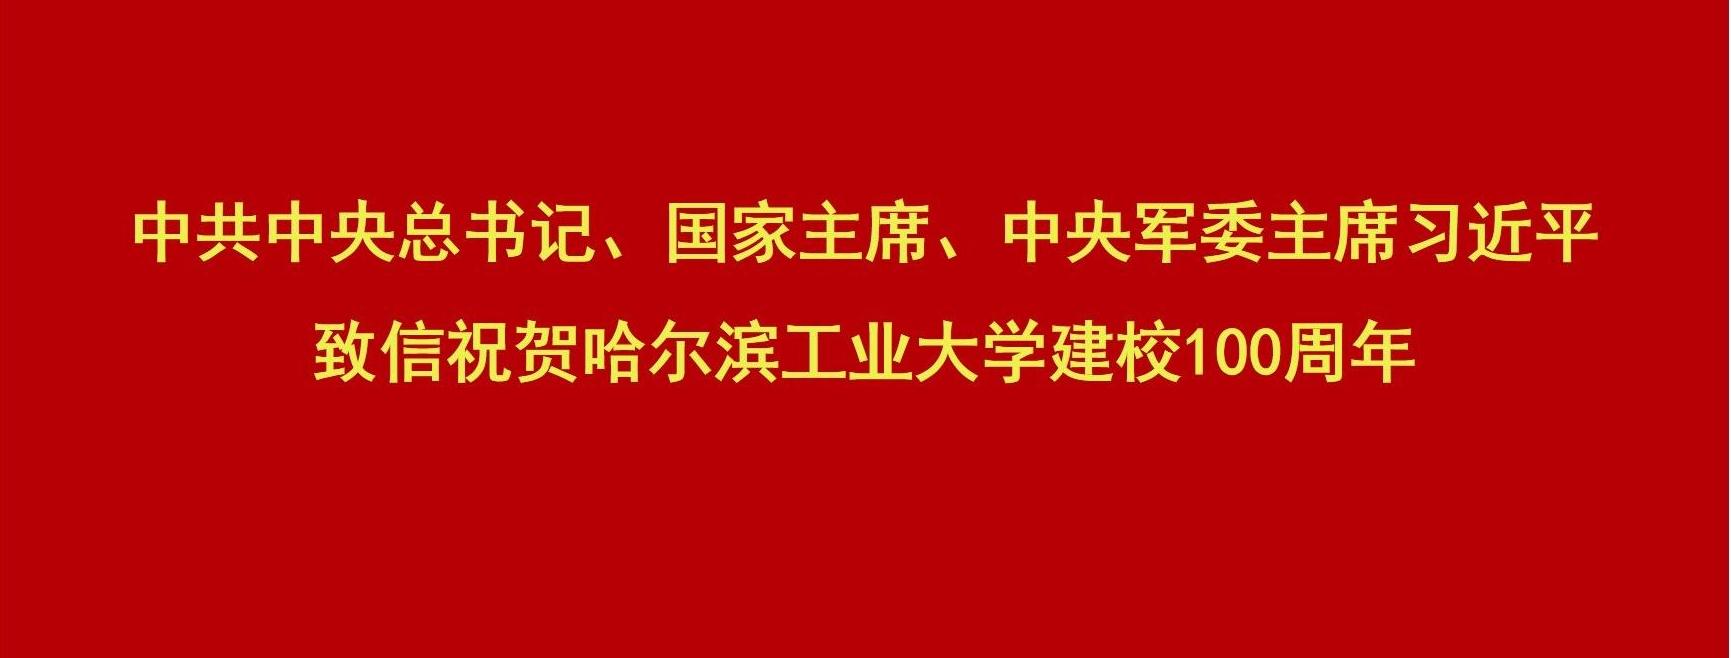 bg视讯娱乐官网